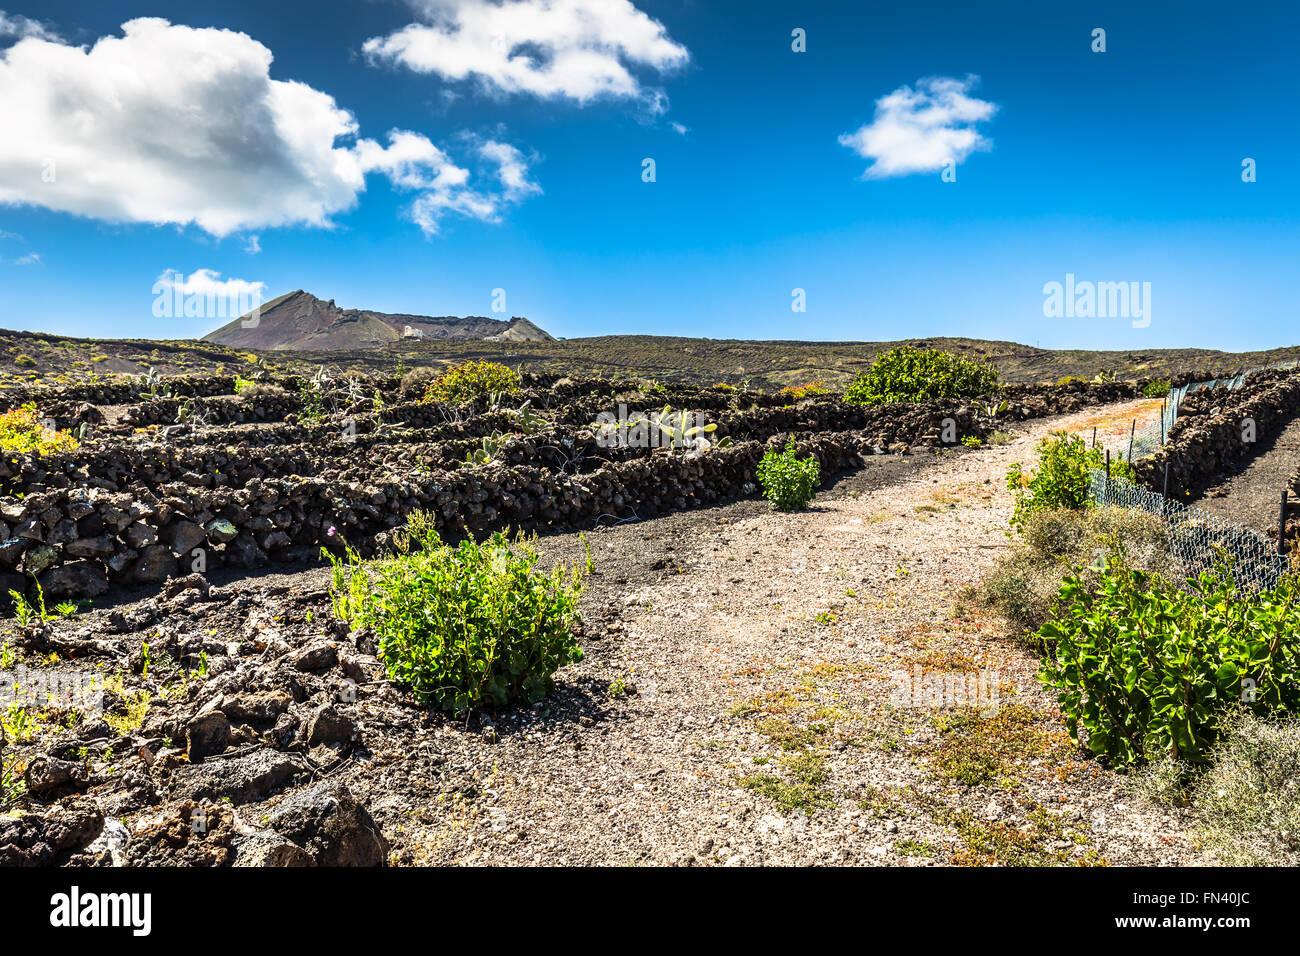 Feld im ländlichen Bereich mit blauem Himmel in der Nähe von Haria Stockfoto